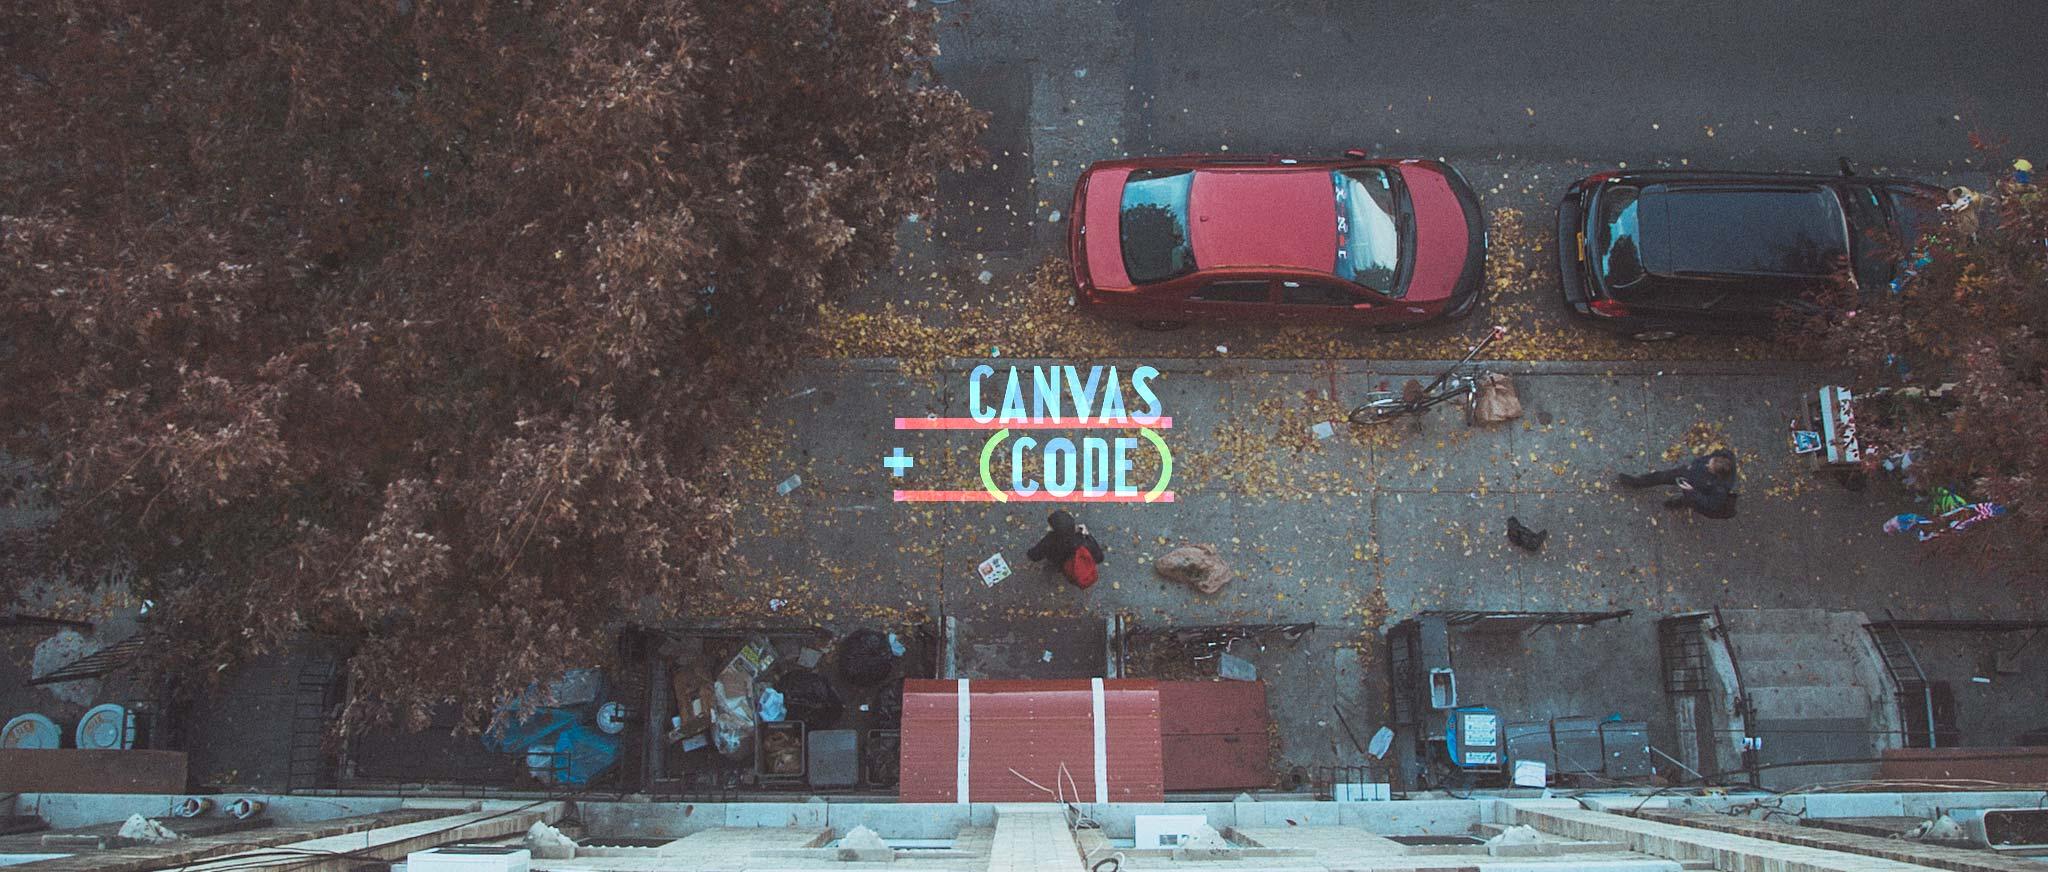 canvas_code_still_5110